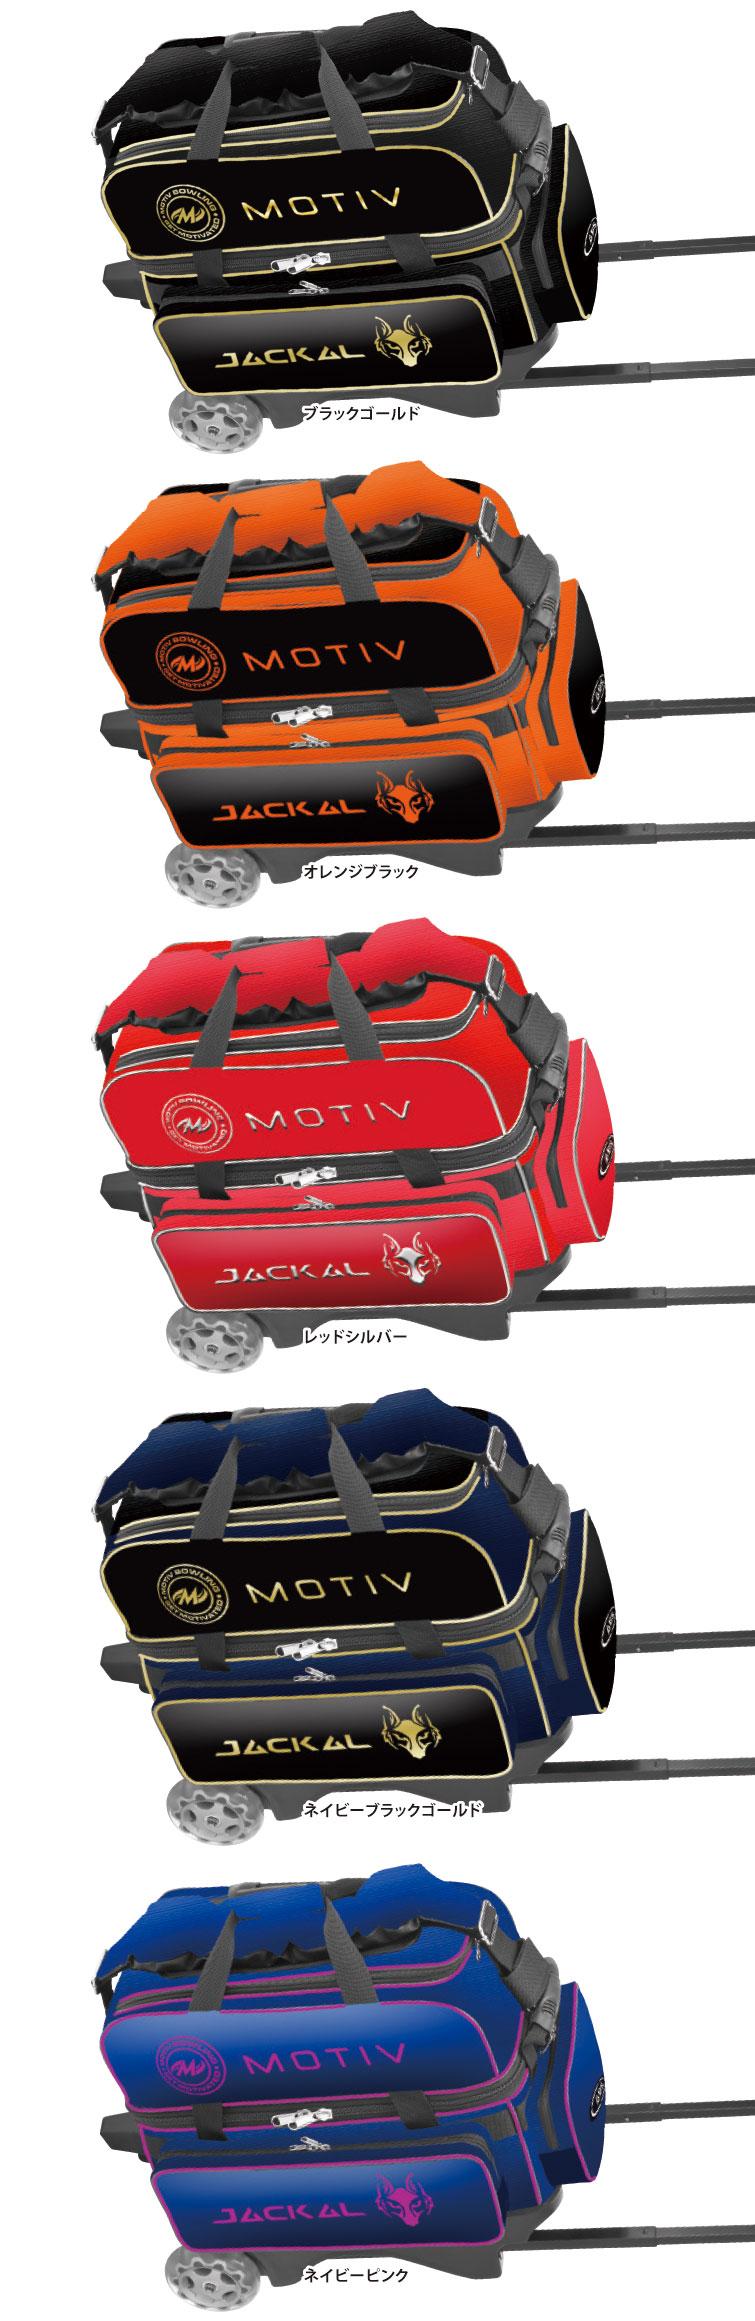 ボウリング用品 ボウリングバッグ モーティブ MOTIV ジャッカルバッグ ボール2個用カート BM-1800